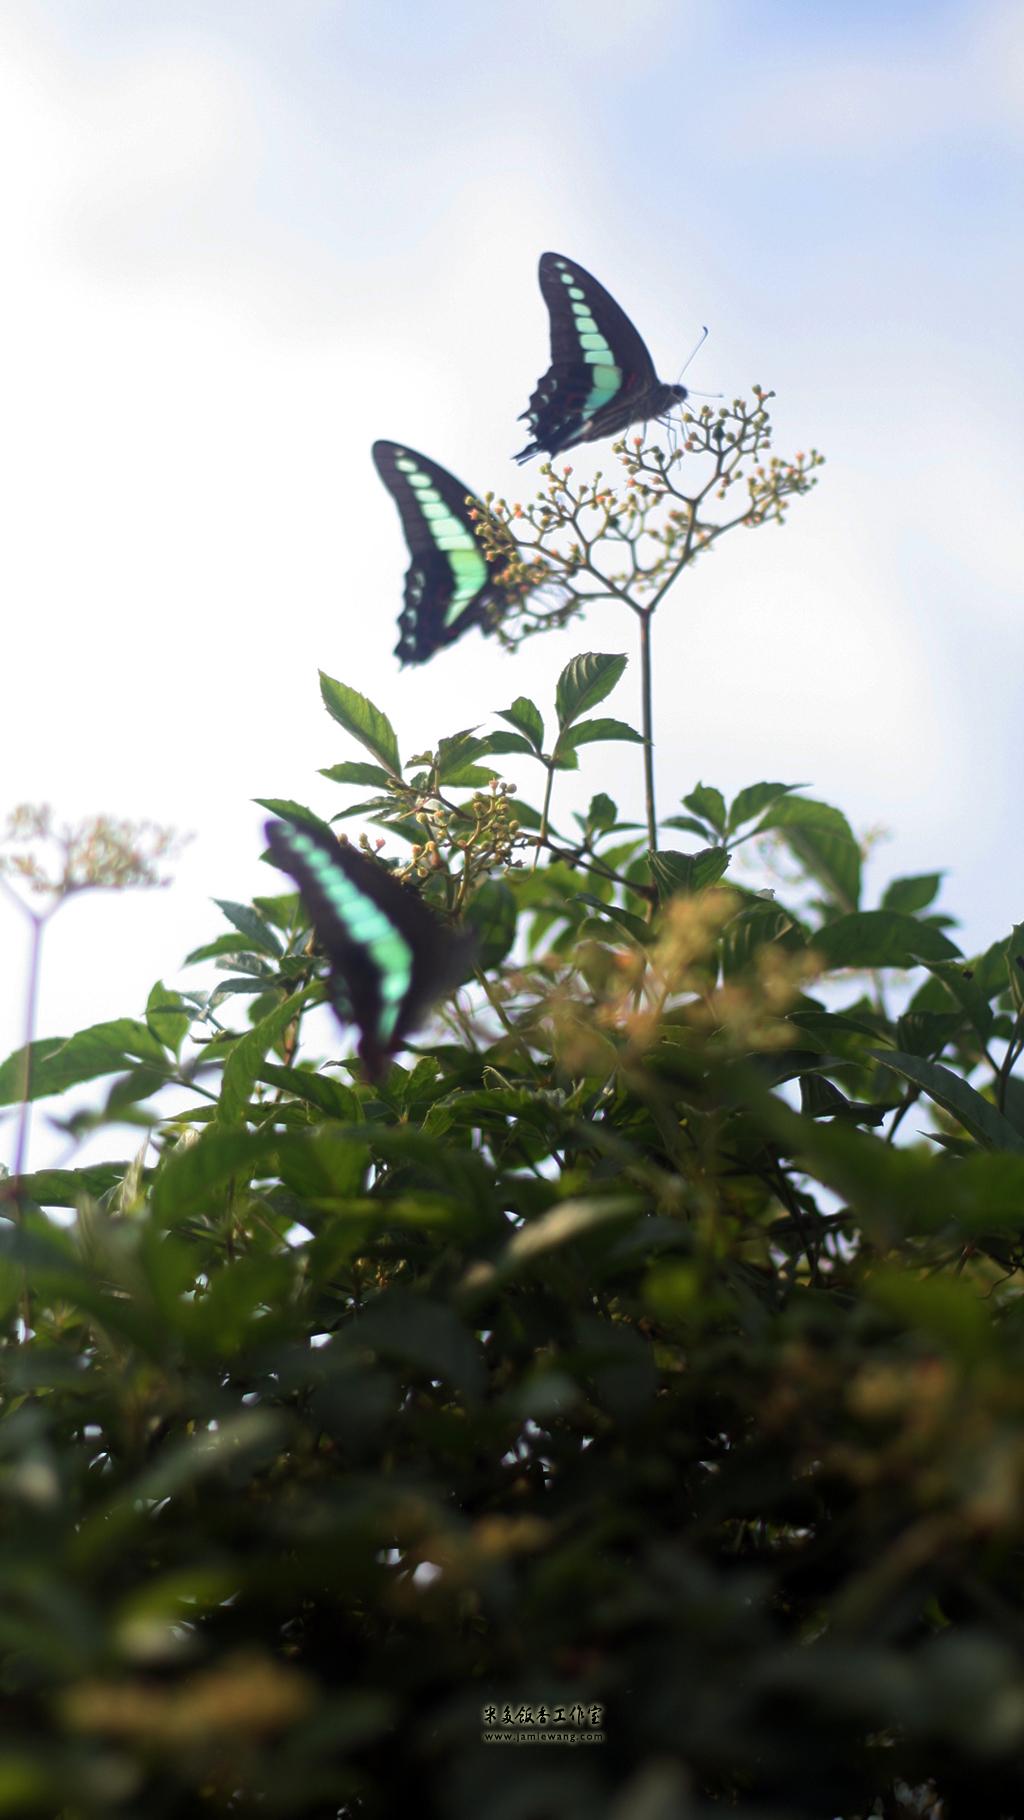 莫愁湖畔莫愁蝶 - butterfly - 1024X576 - 米多饭香工作室 - Jamie's Mind Lab - jamiewang.com - 011